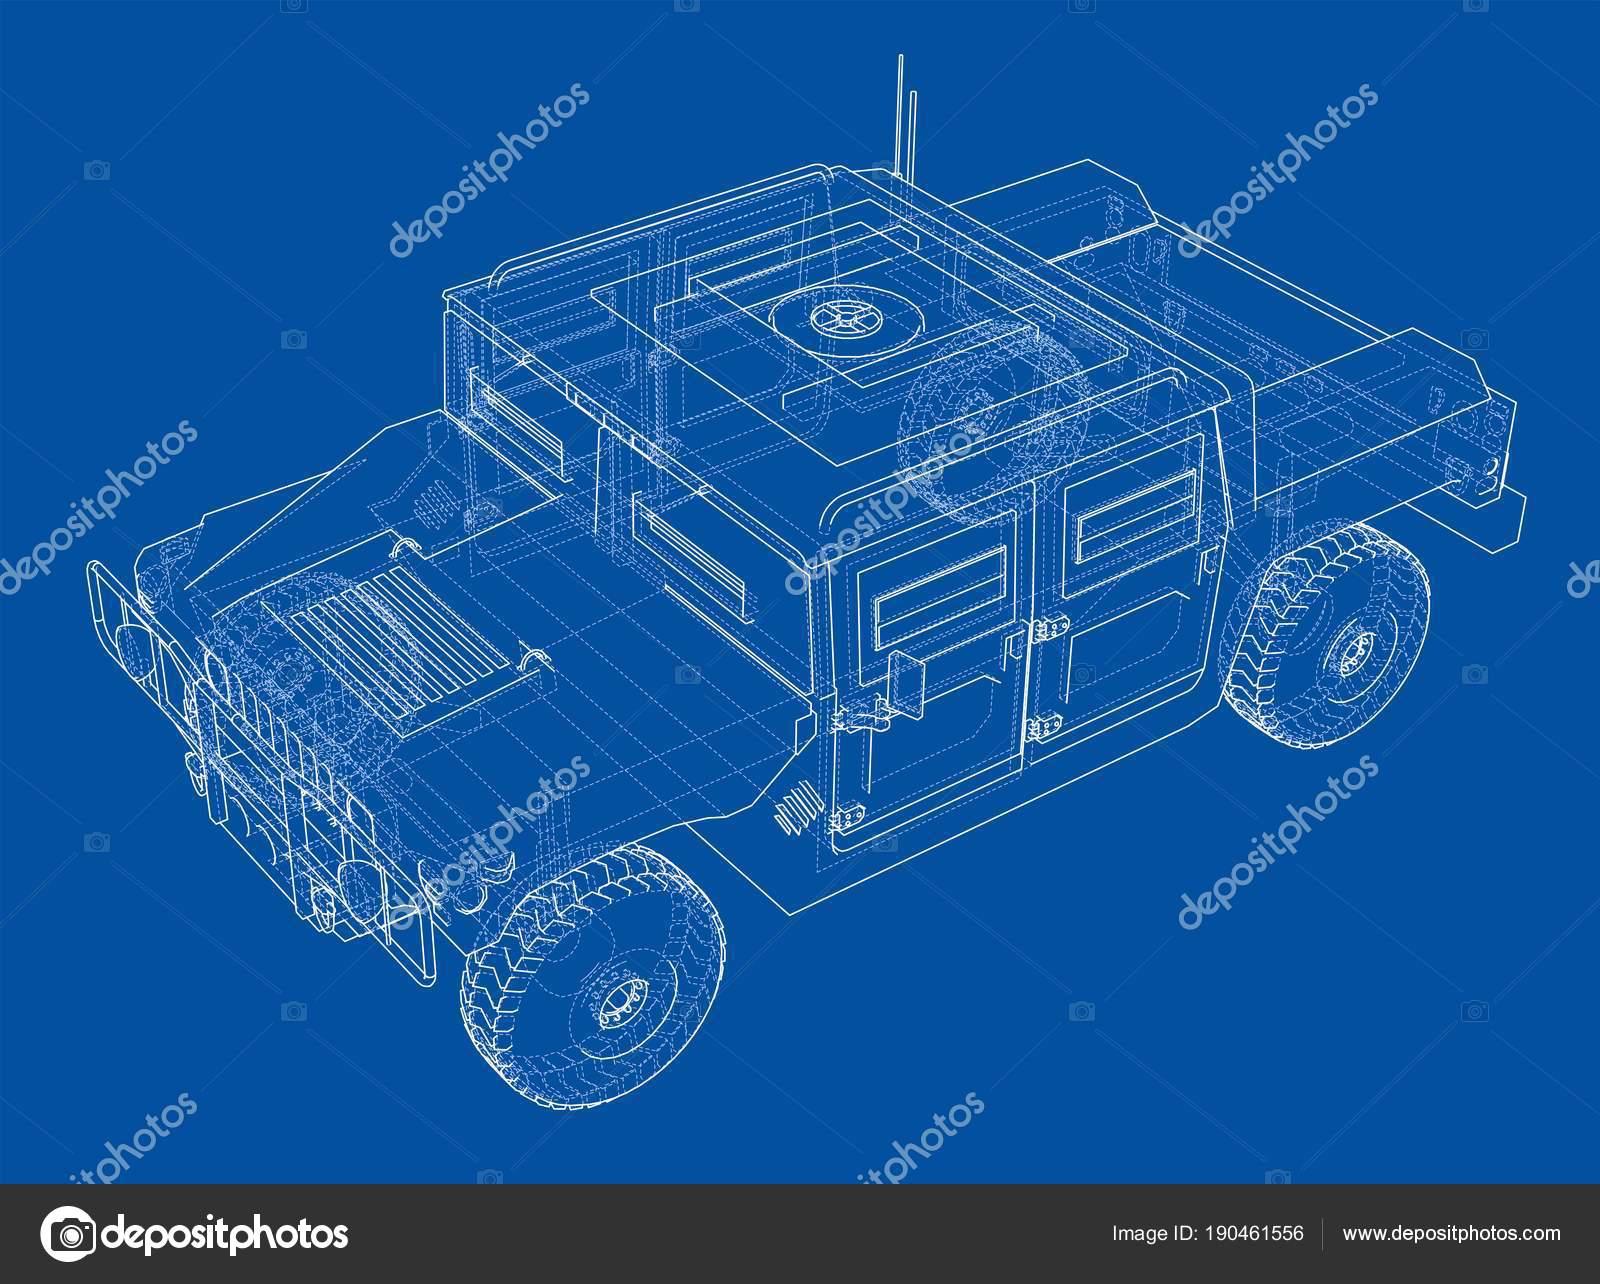 Auto Bauplan zu bekämpfen — Stockfoto © cherezoff #190461556